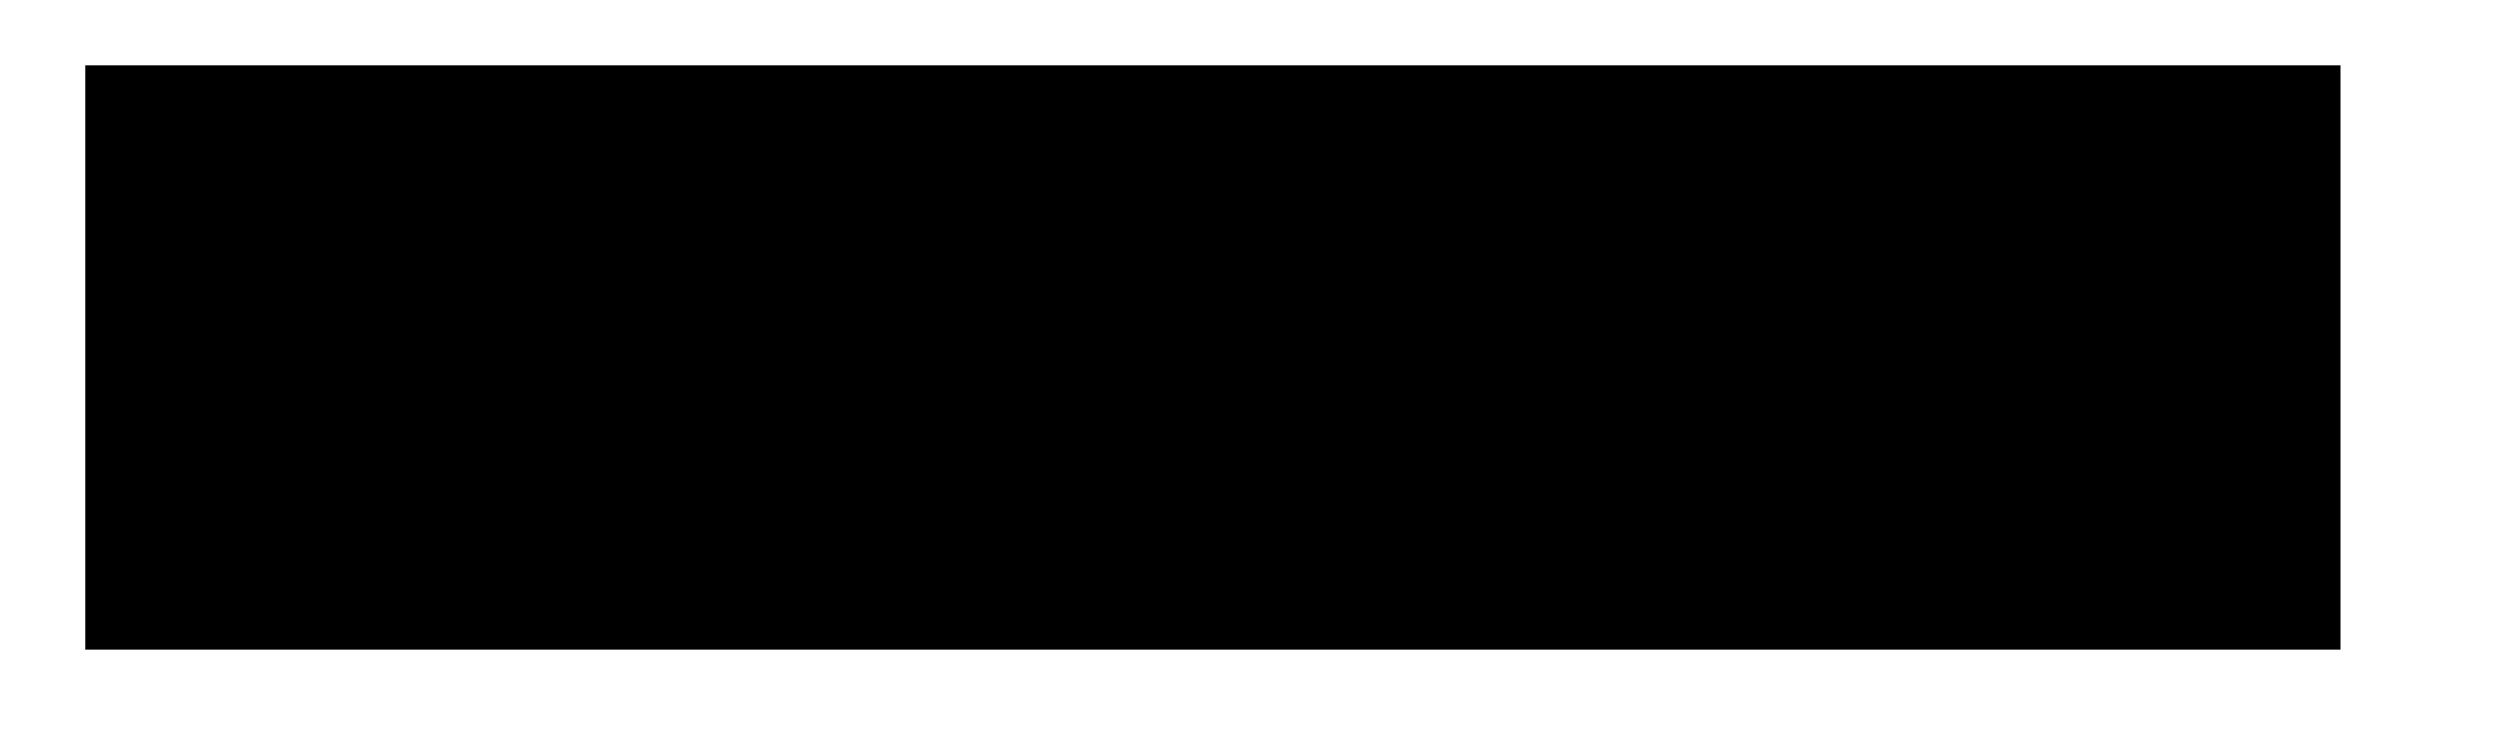 Proaction Training Logo